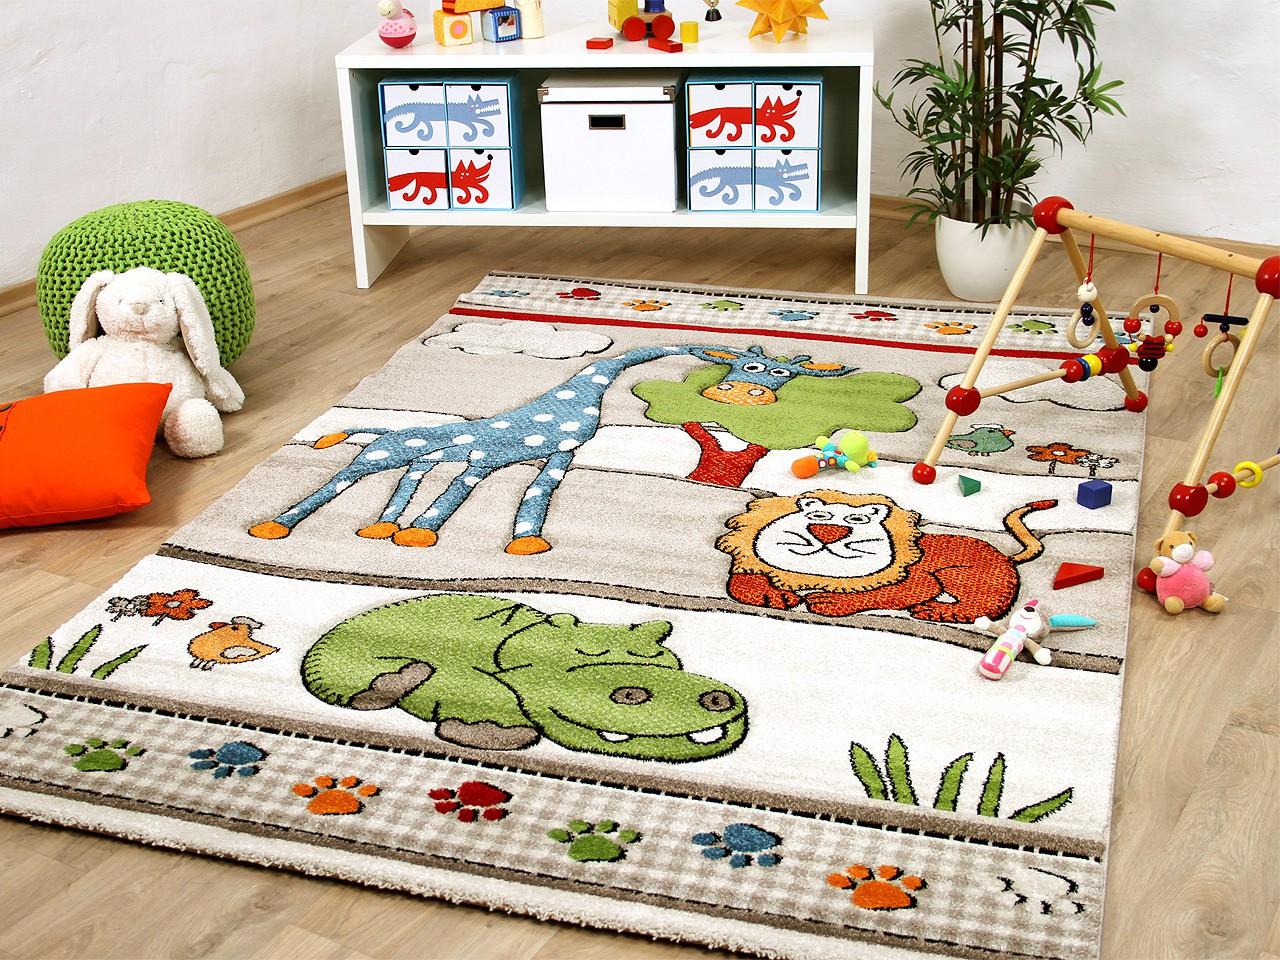 Full Size of Kinderzimmer Teppiche Teppich Savona Kids Lustige Zoowelt Beige Kinder Wohnzimmer Sofa Regal Regale Weiß Kinderzimmer Kinderzimmer Teppiche